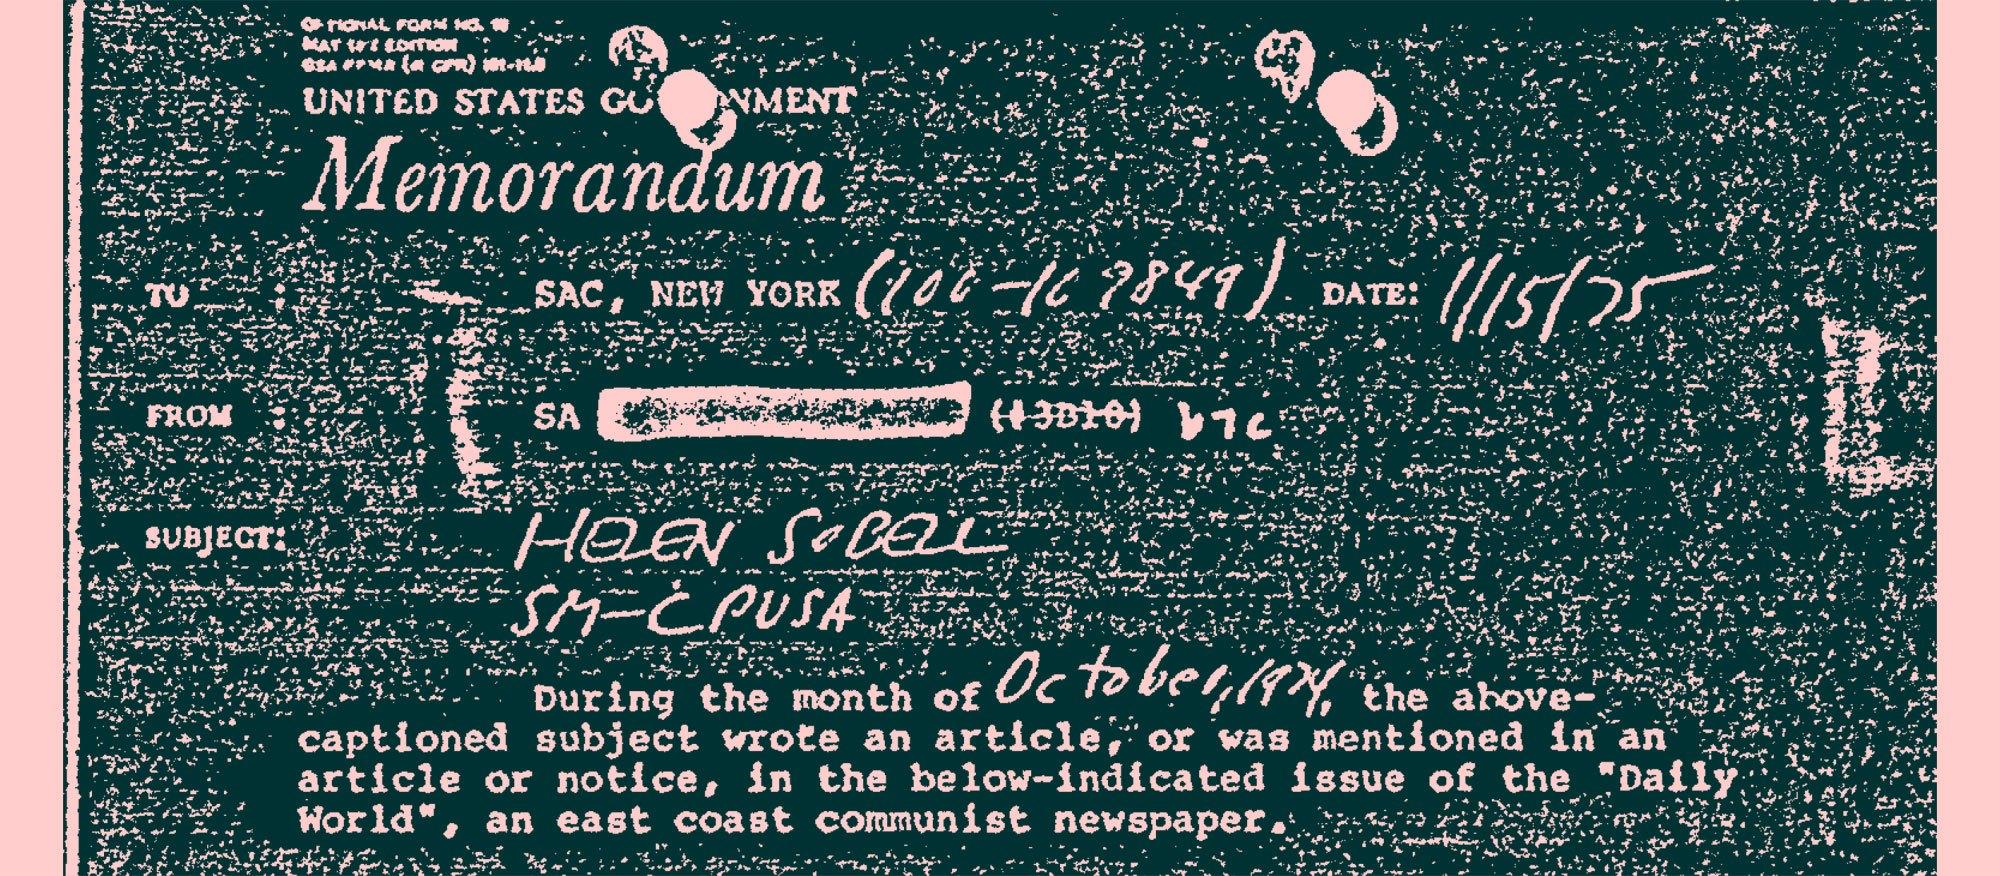 Helen Sobell FBI Document image